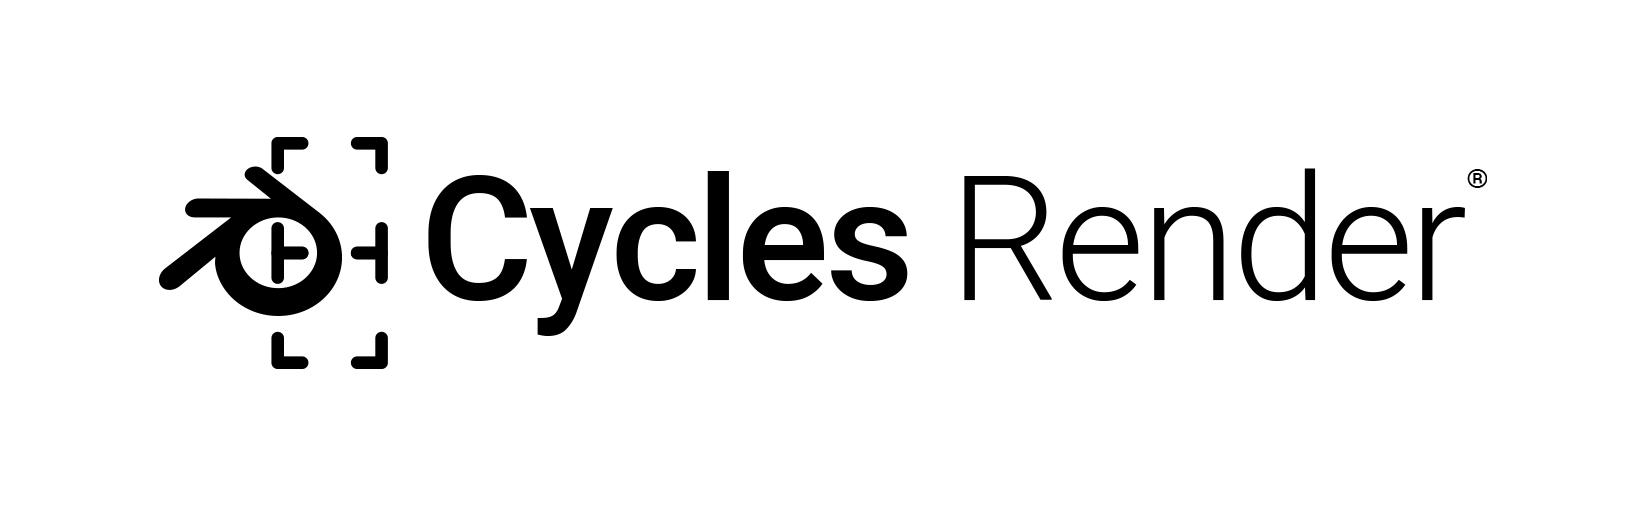 Cycles-LOGO-MG_01